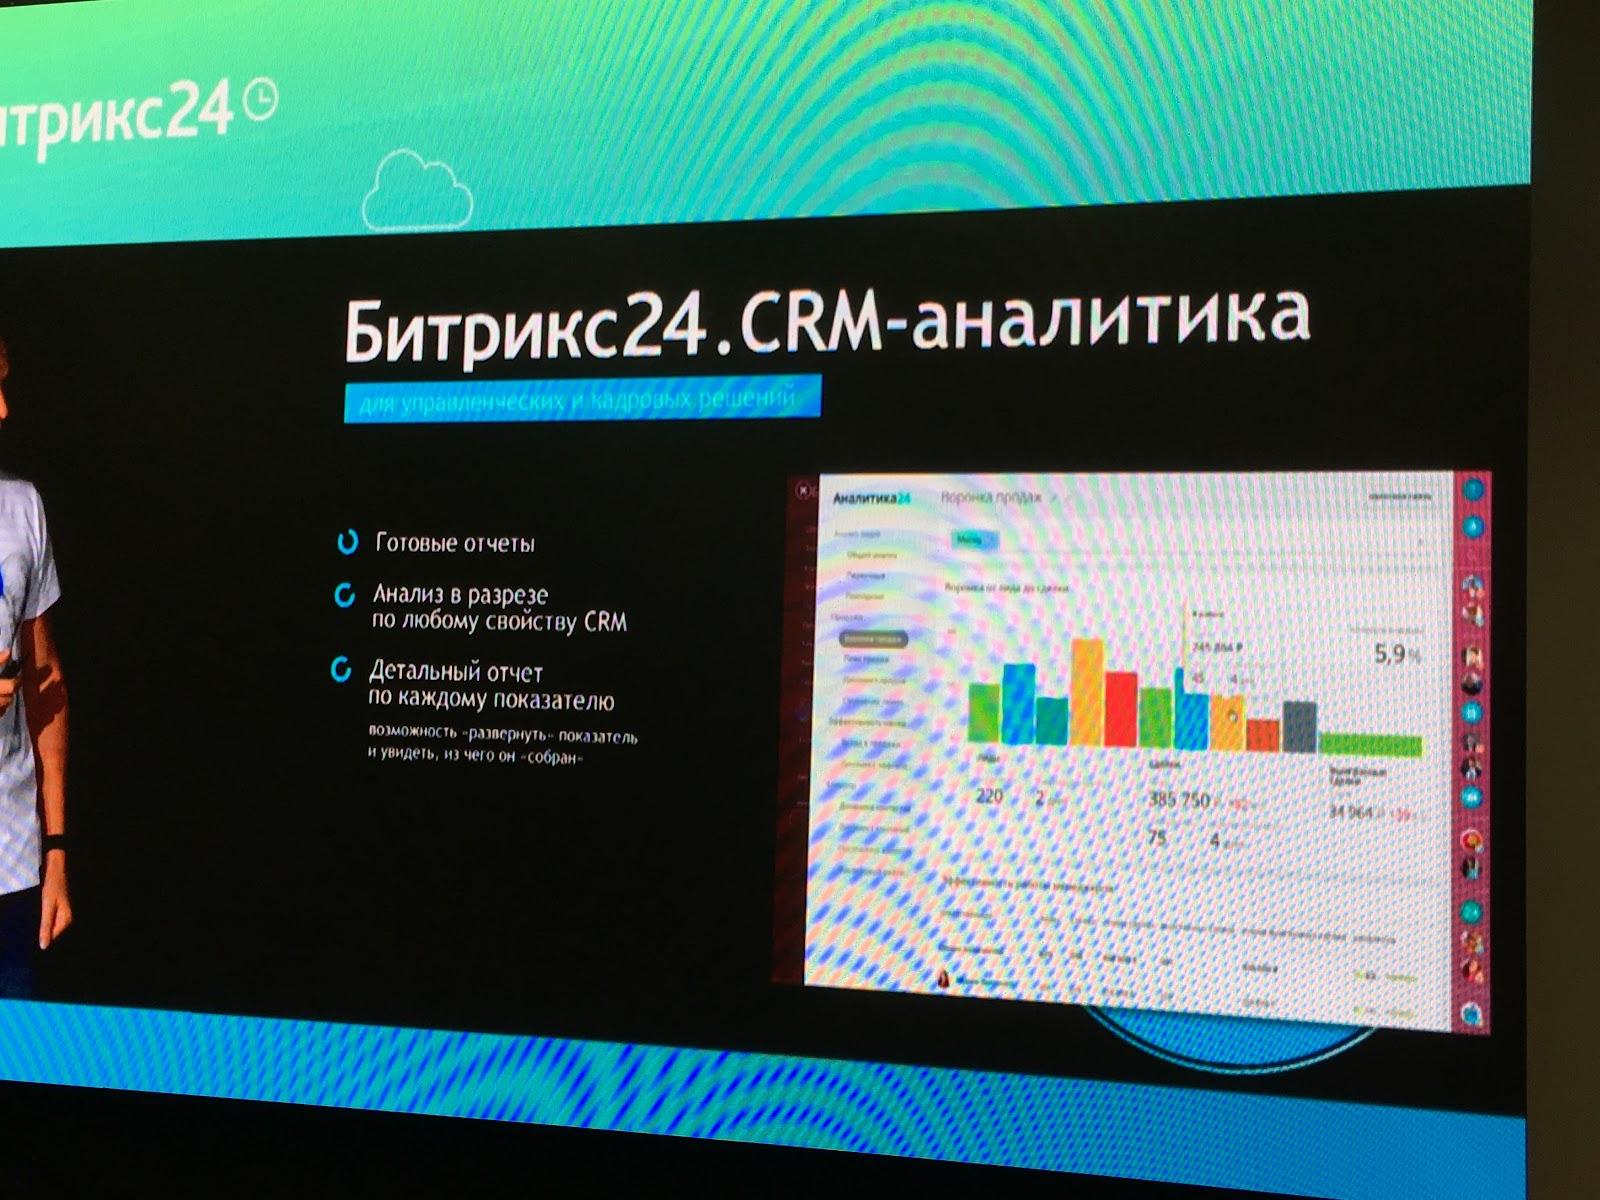 Битрикс24 CRM аналитика